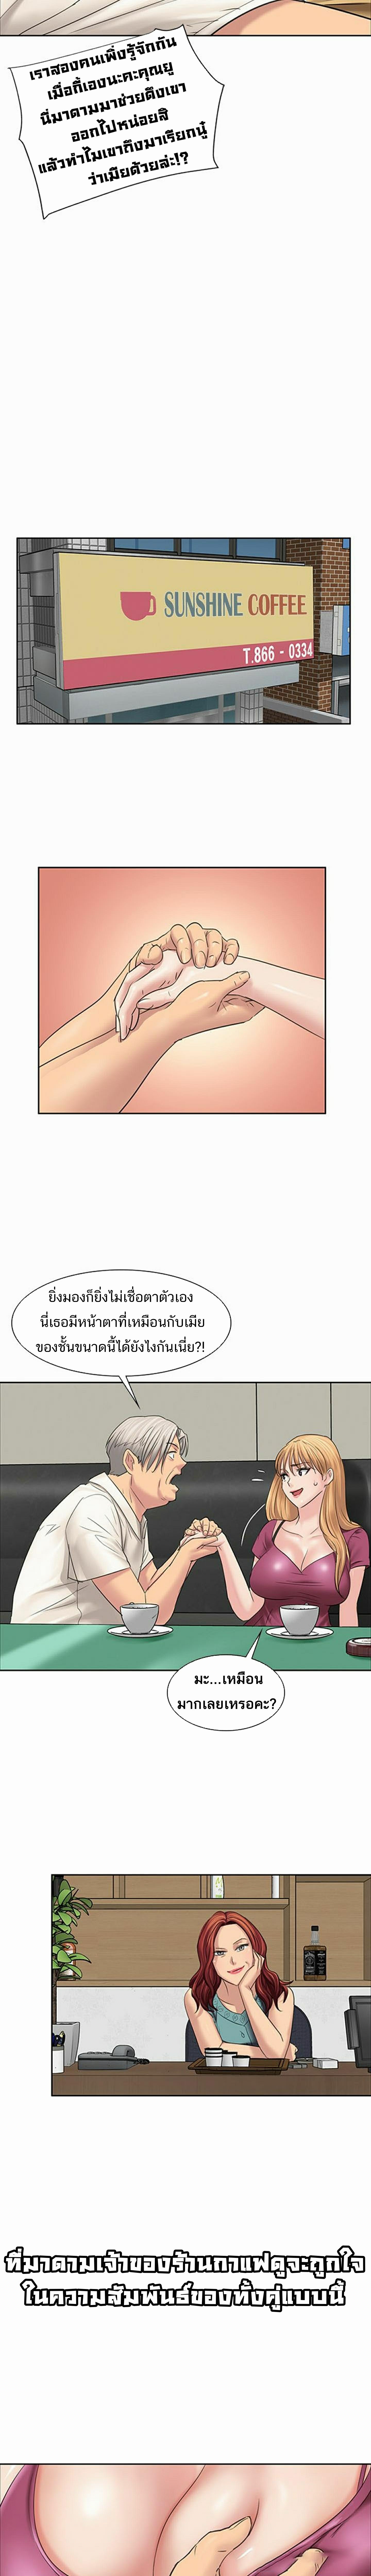 ควีน บี 7 ภาพ 7